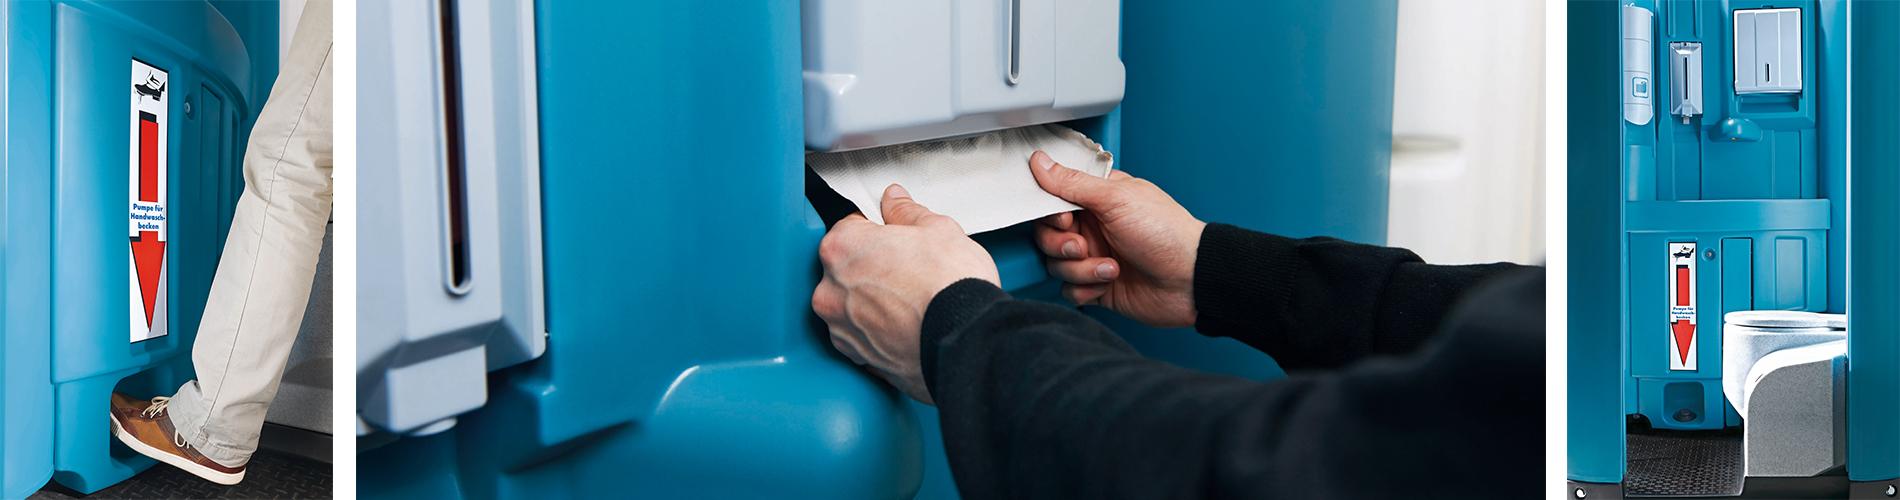 Händewaschen ohne Wasser?